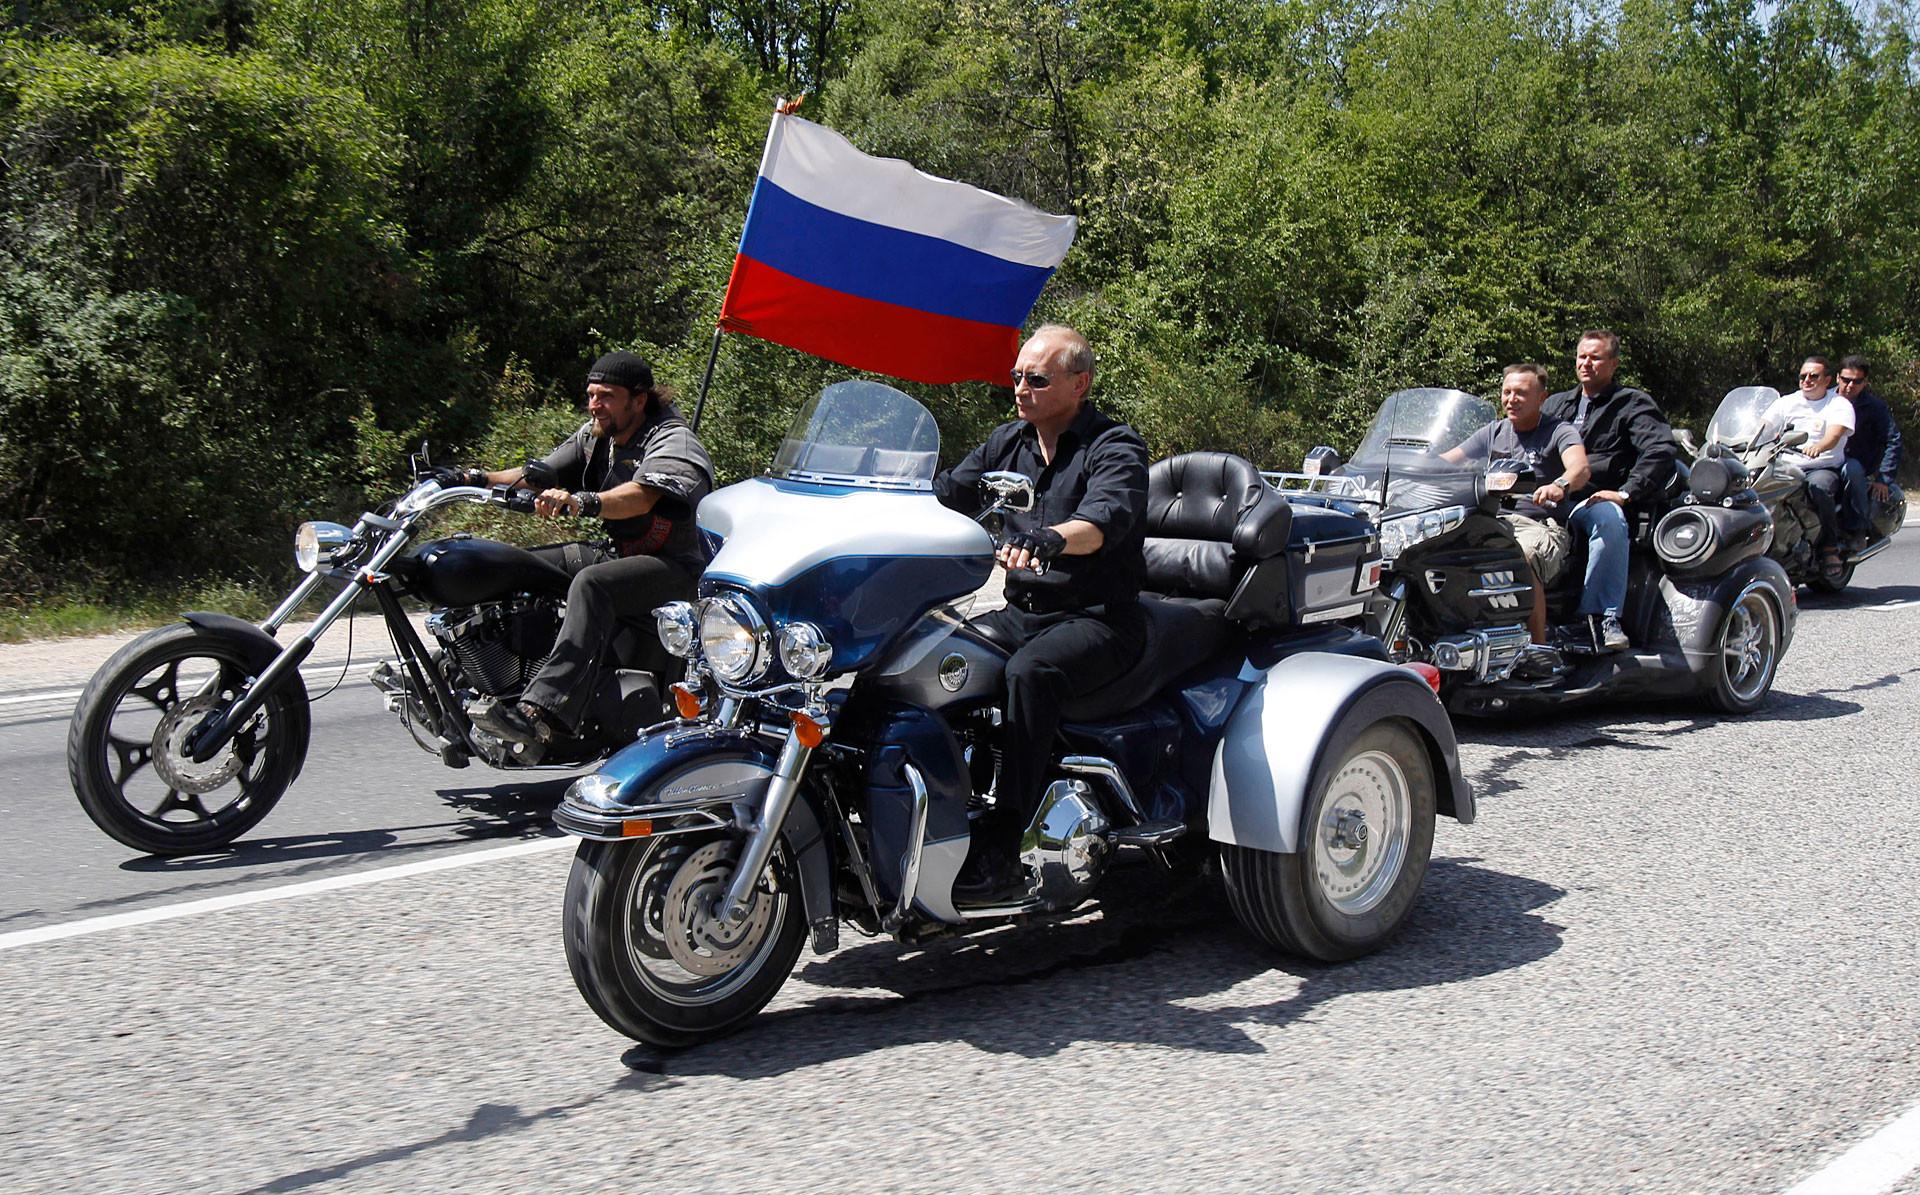 Путин кара Harley Davidson Lehman Trike на срещата на руските и украински мотористи край Севастопол, 24 юли 2010 г.